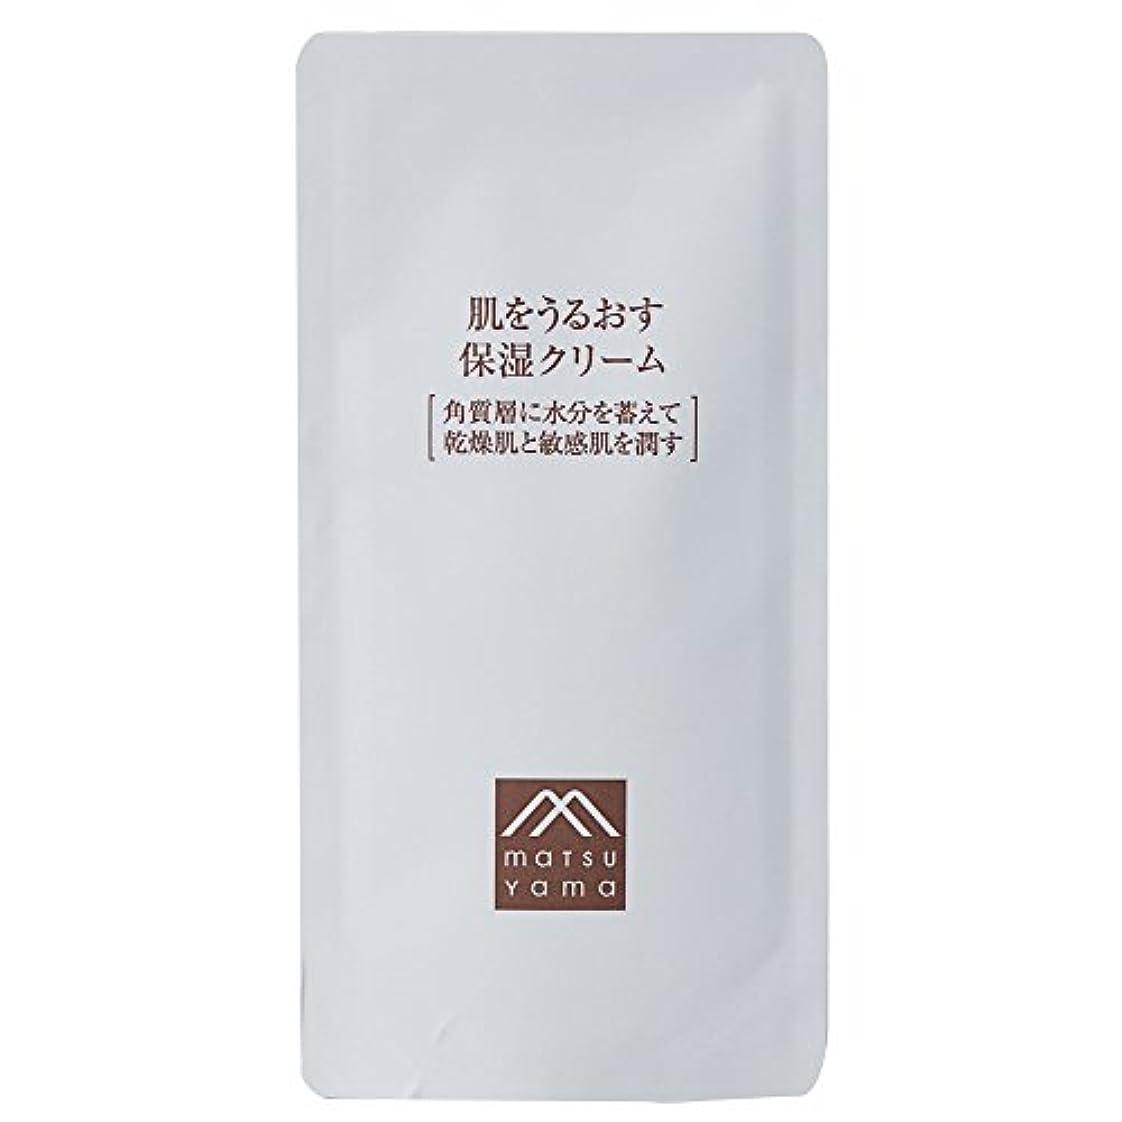 ゴミ箱を空にする創傷カートリッジ肌をうるおす保湿クリーム 詰替用(クリーム) 濃厚クリーム [乾燥肌 敏感肌]